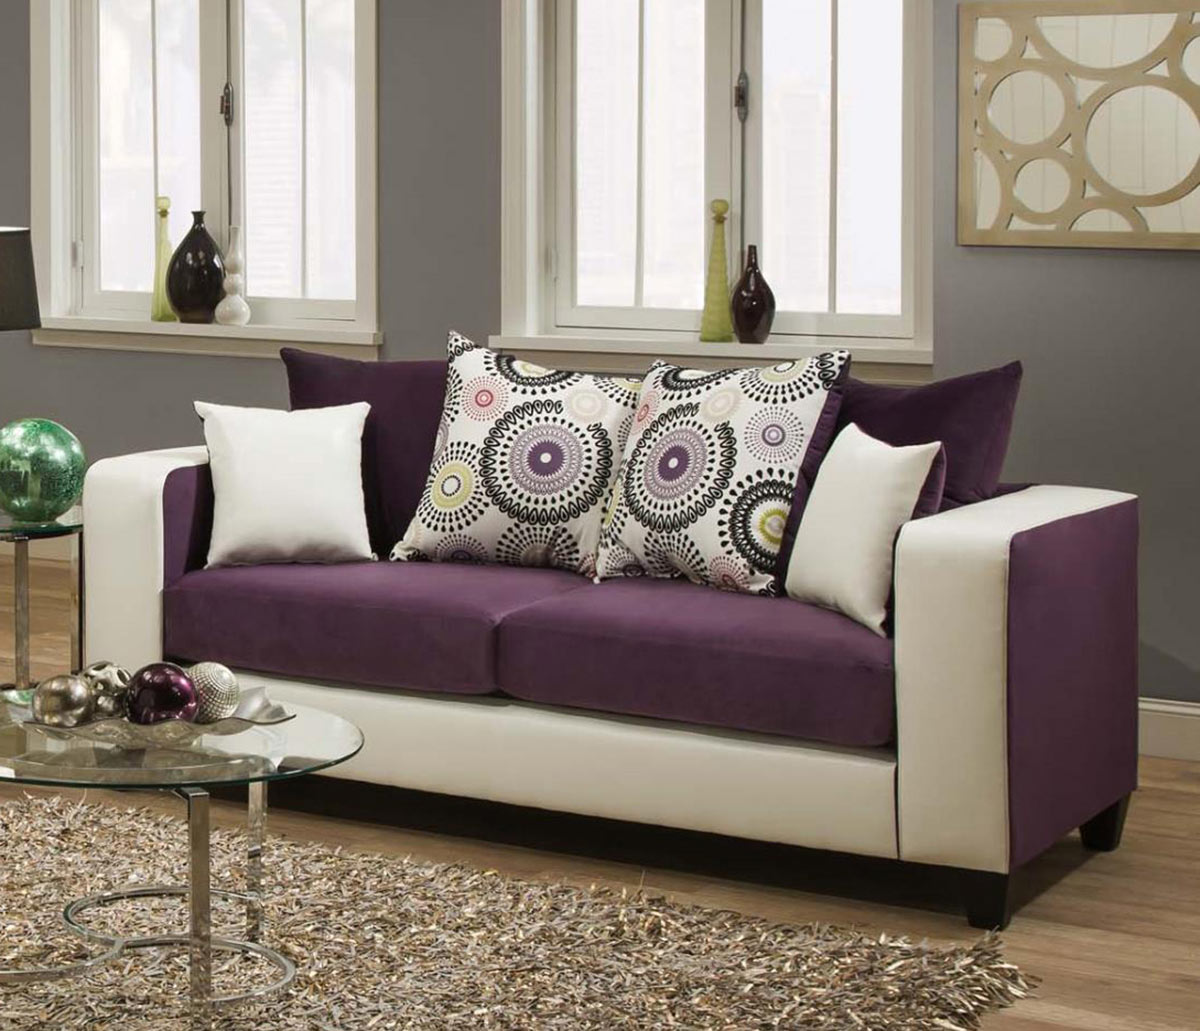 Chelsea Home Emboss Sofa Set - Purple